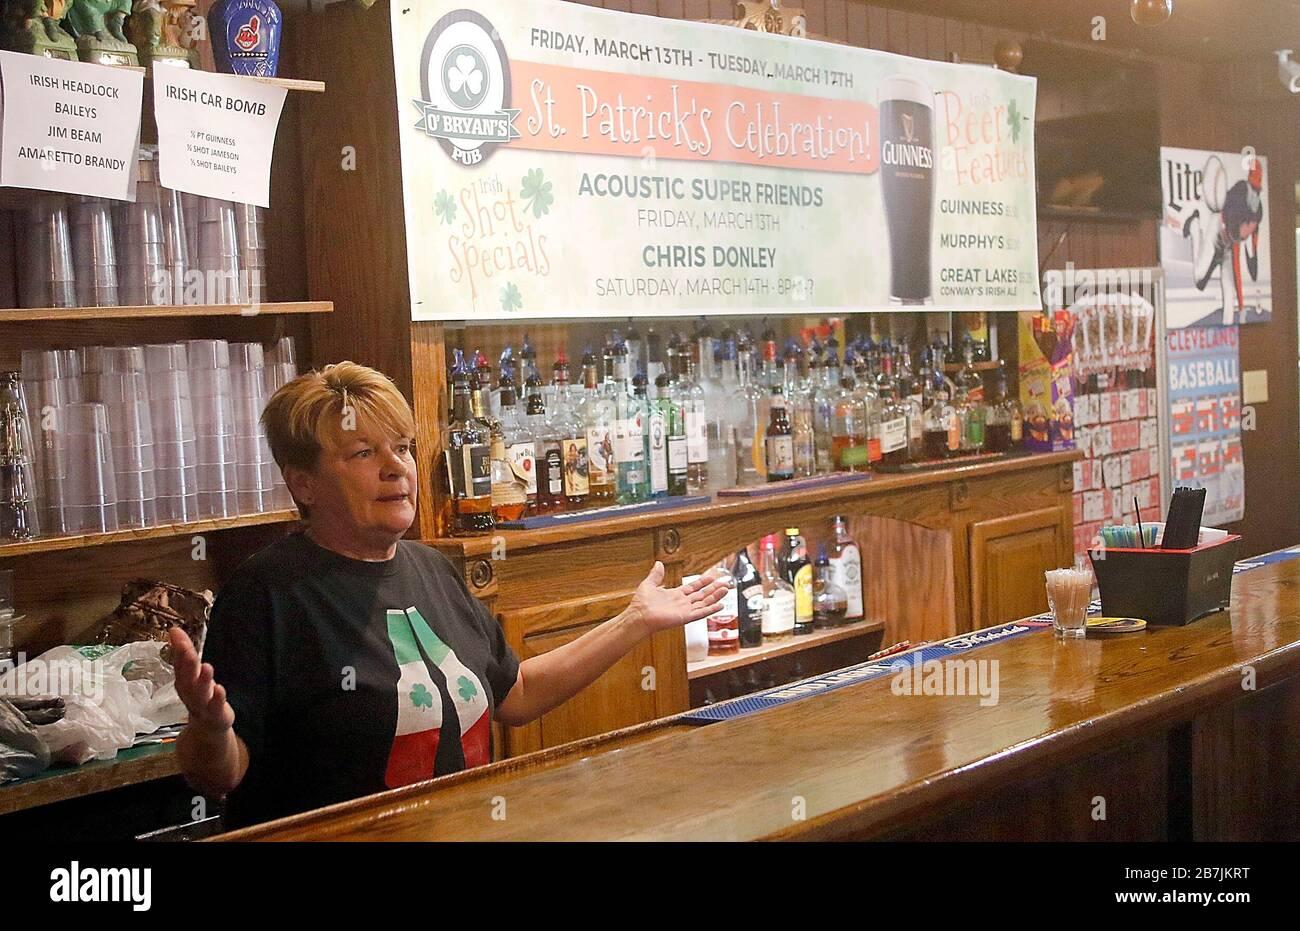 Ashland, États-Unis. 16 mars 2020. 16 mars 2020; Ashland, OH, États-Unis; le barman/serveur du pub d'Obryan Vicky McQuate parle avec un journaliste du Times-Gazette de leurs nouvelles opérations après l'éclosion de Cornonavirus a fermé les restaurants et les bars lundi 16 mars 2020 au restaurant d'Ashland, OH. Elle a également mentionné l'absence du contact quotidien avec les habitués qui condescendante l'établissement sur une base régulière. Crédit obligatoire: Tom E. Puskar/Ashland Times-Gazette via USA TODAY NETWORK/Sipa USA Credit: SIPA USA/Alay Live News Banque D'Images